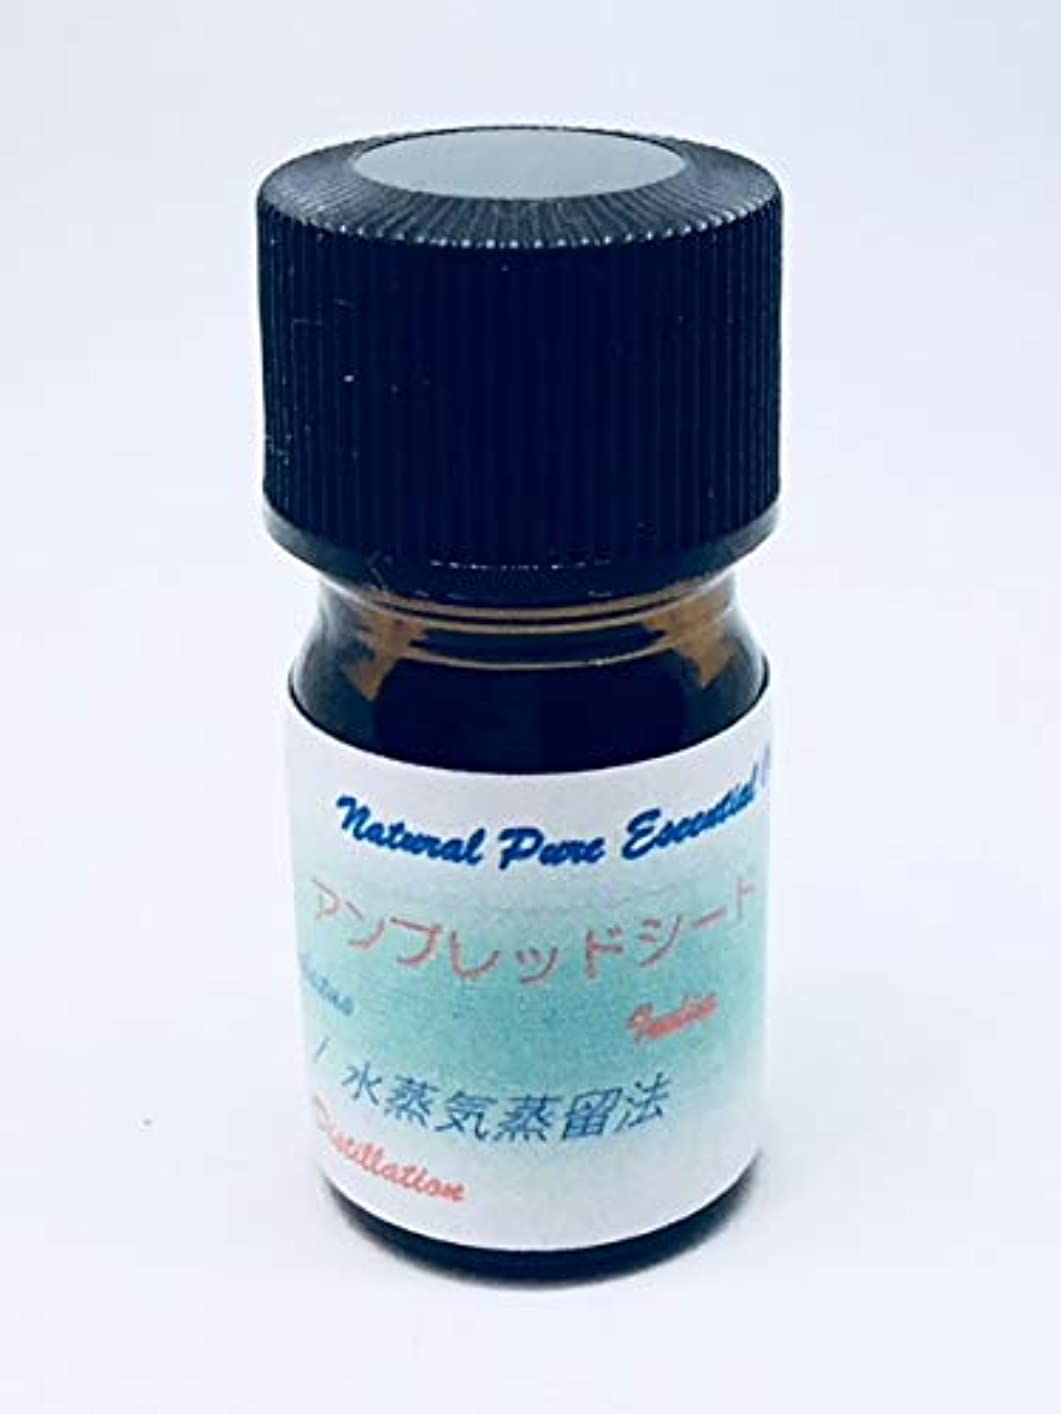 褐色地下室休眠アンブレッドシード(植物性ムスク)精油 10ml100%ピュアエッセンシャル